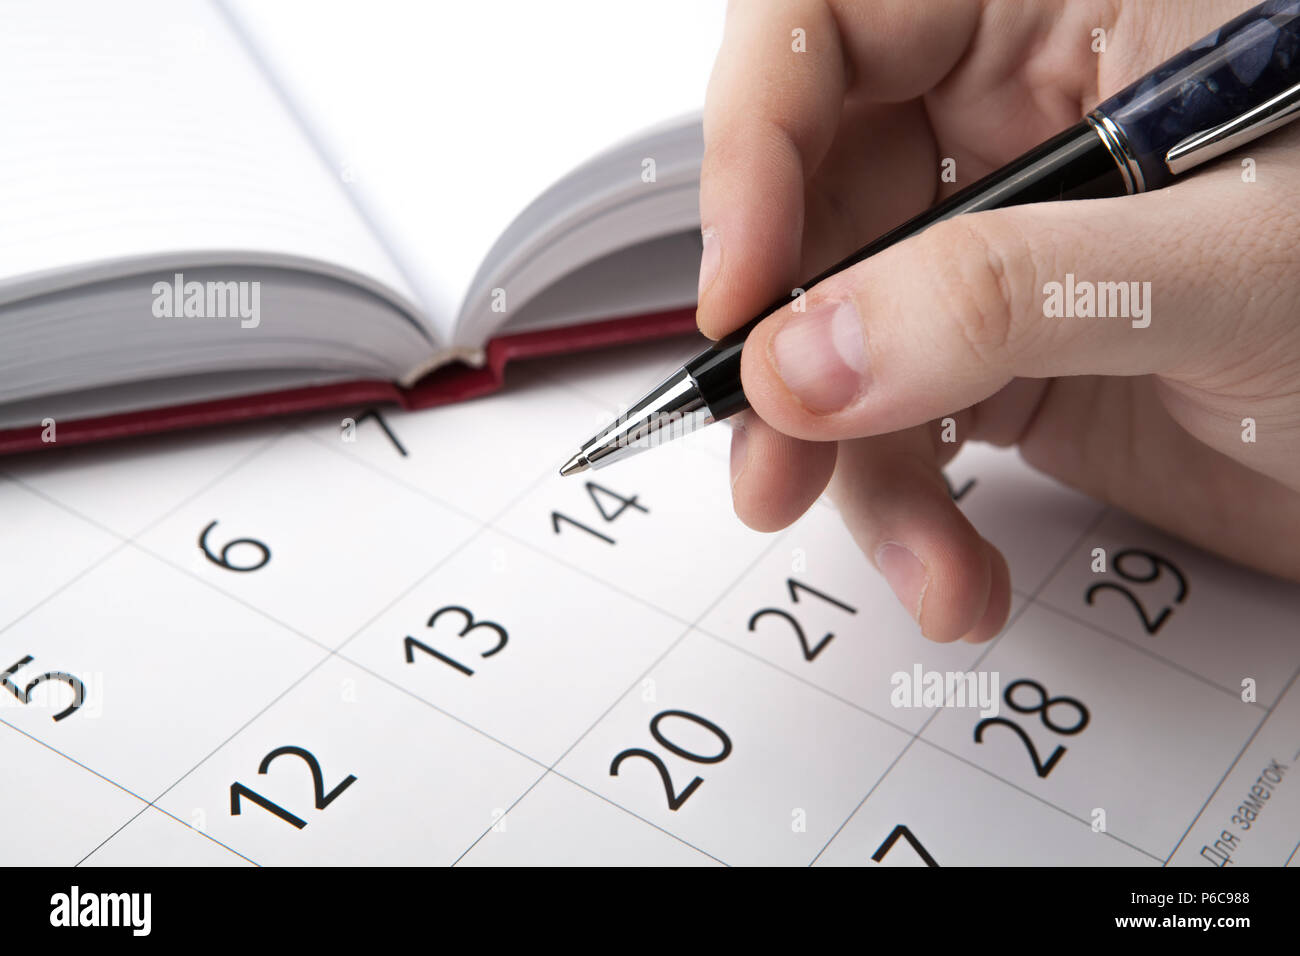 Cerca Calendario.L Uomo E In Cerca Di Informazioni Nella Directory E Il